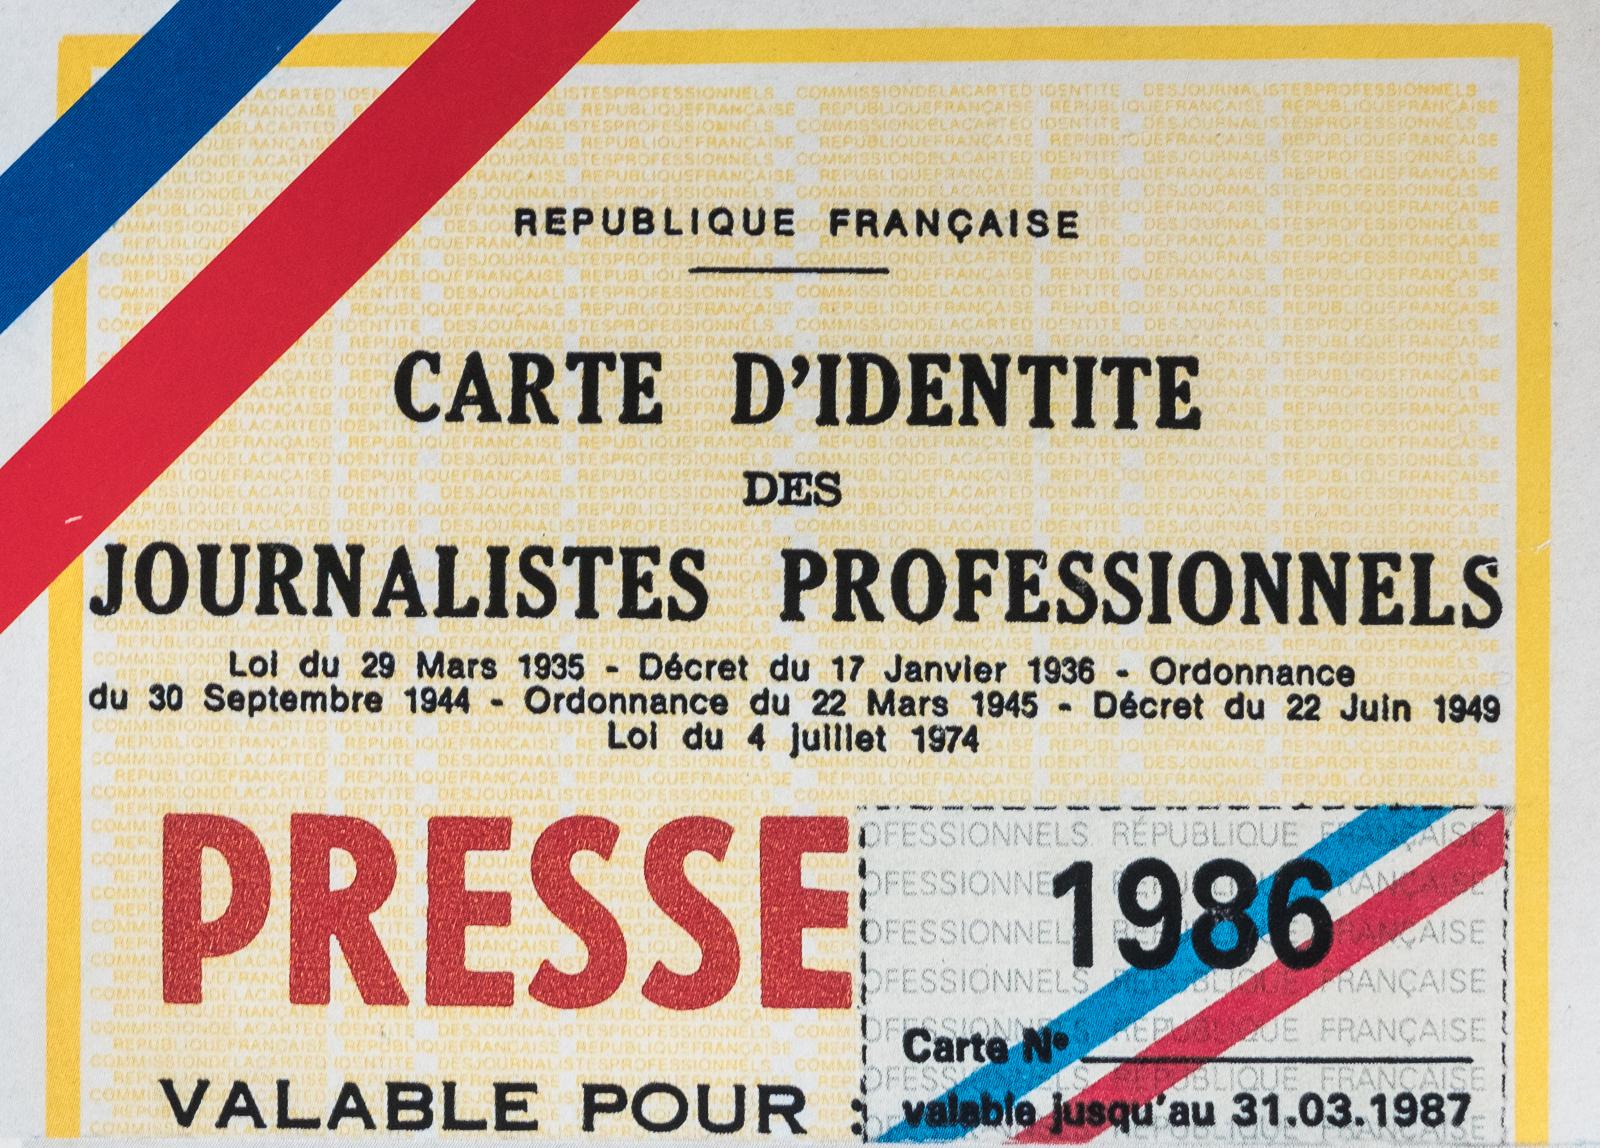 Carte De Presse En France Wikipedia